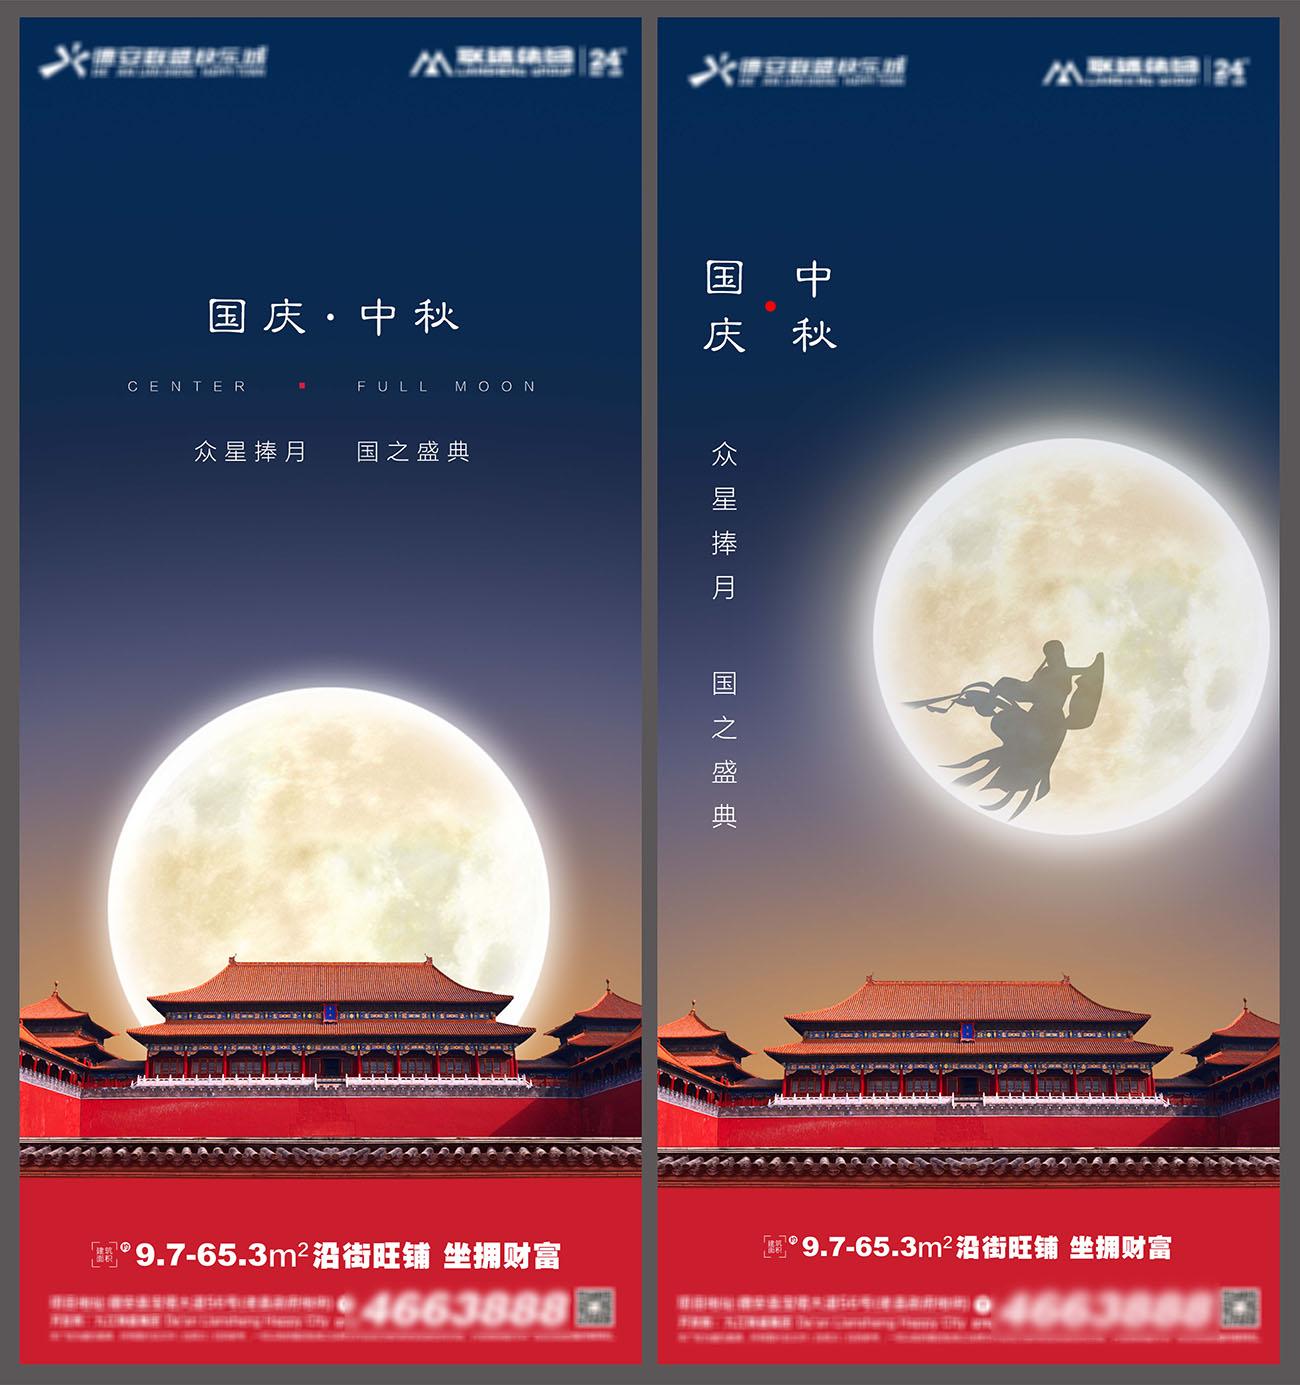 房地产国庆中秋节海报飞机稿PSD源文件插图